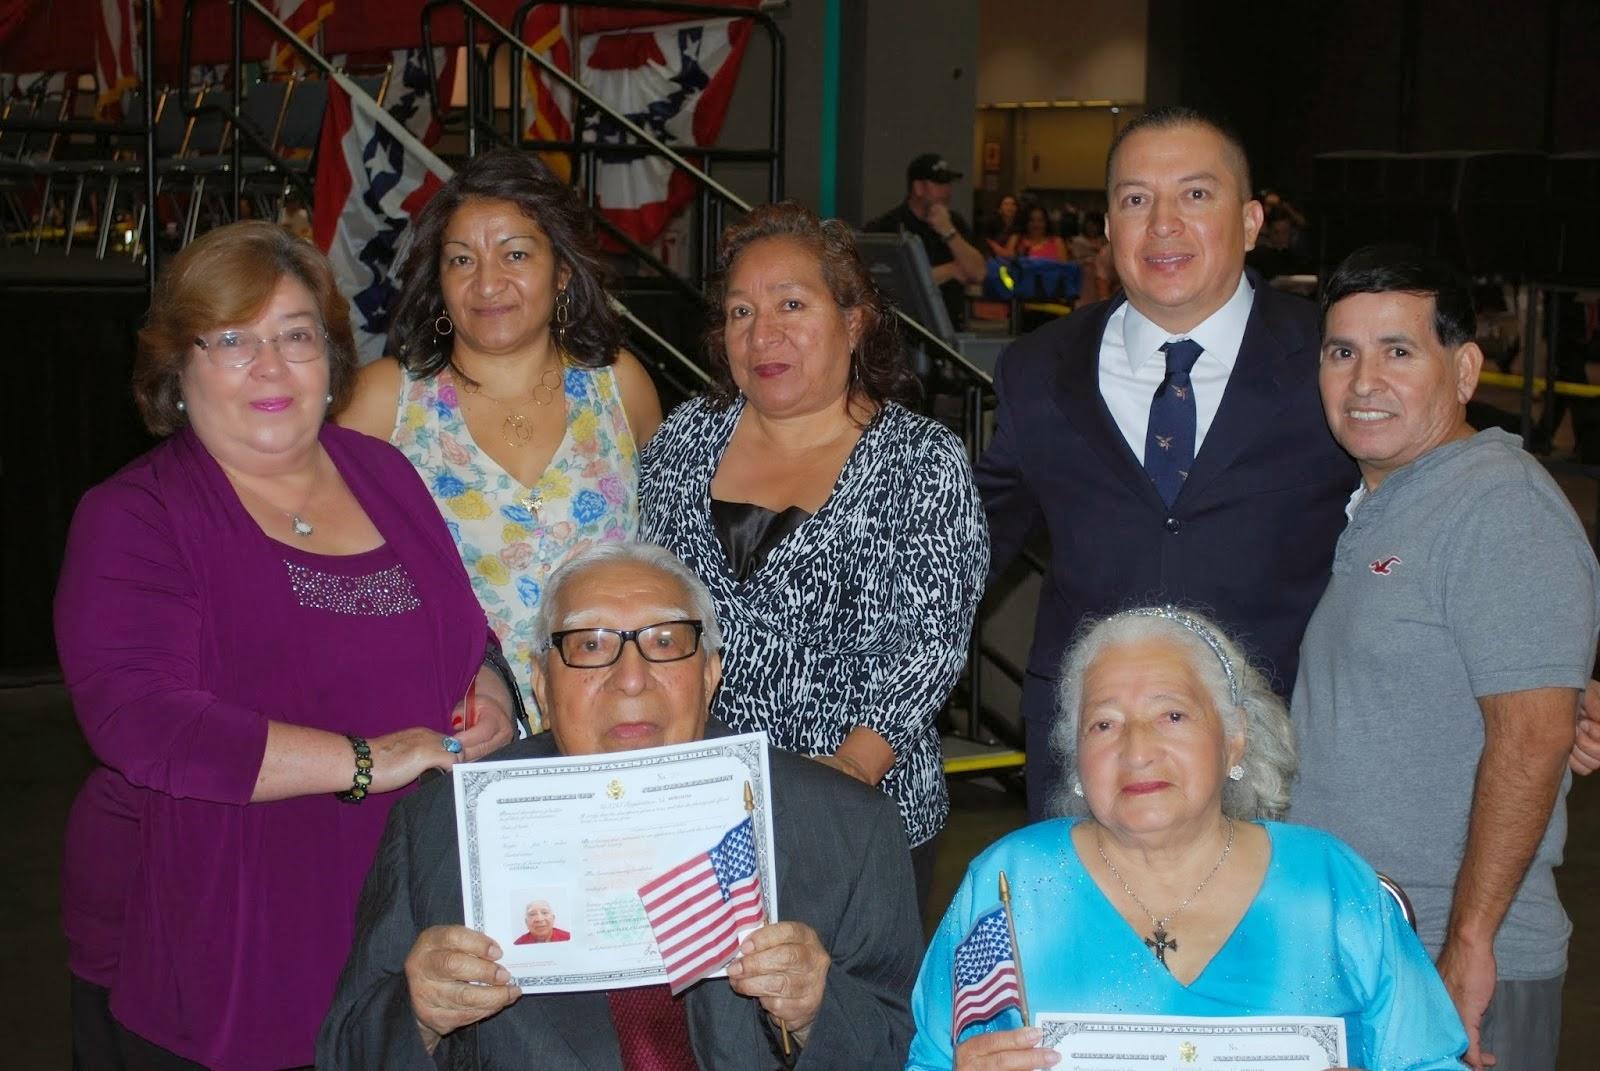 Don Jorge García muestra orgulloso su Certificado de Naturalización. A su lado doña Rafaela Maradiaga de García. Le acompañan sus familiares.